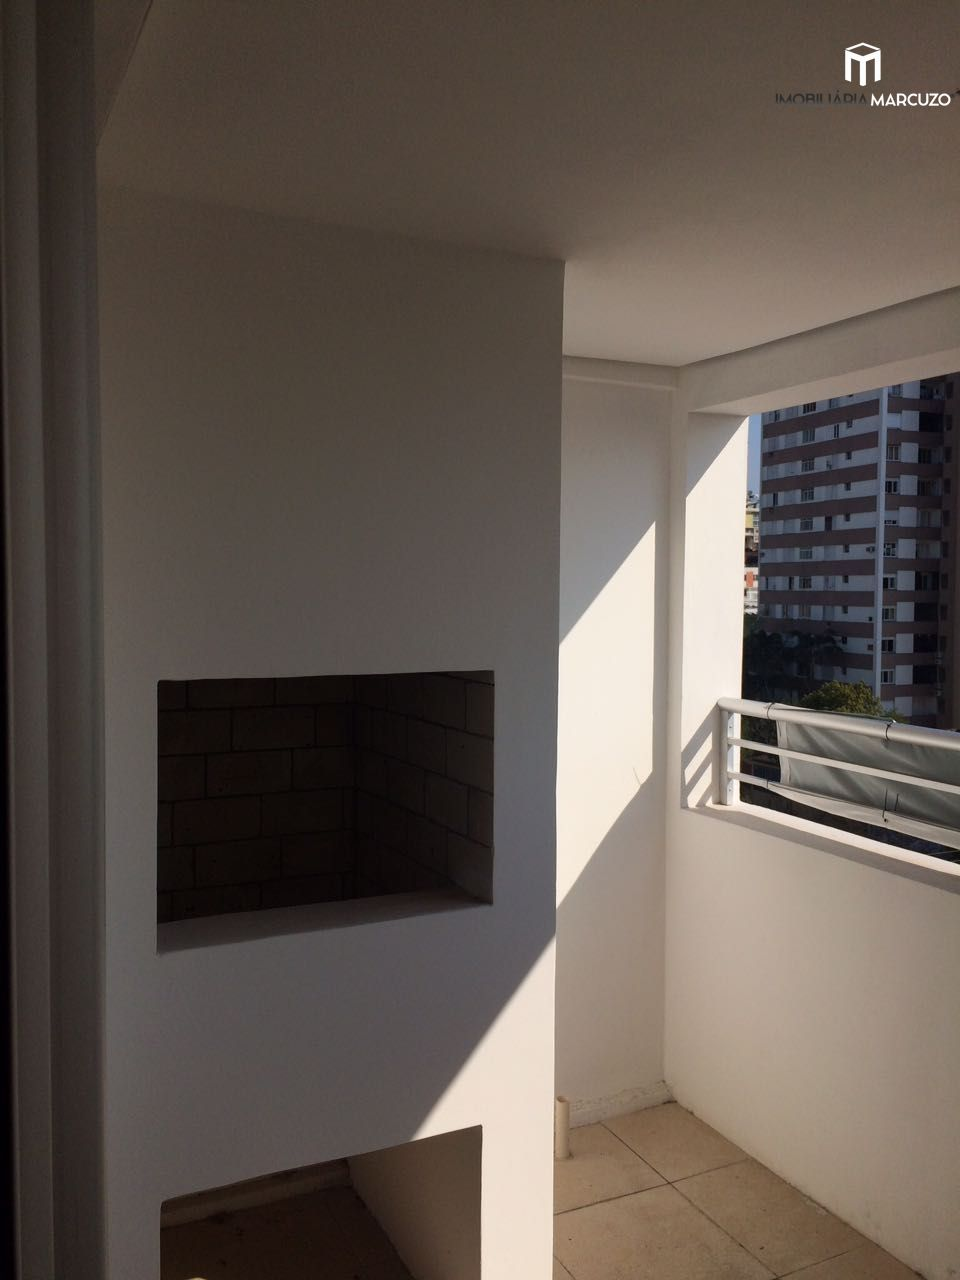 Apartamento com 3 Dormitórios à venda, 132 m² por R$ 630.000,00